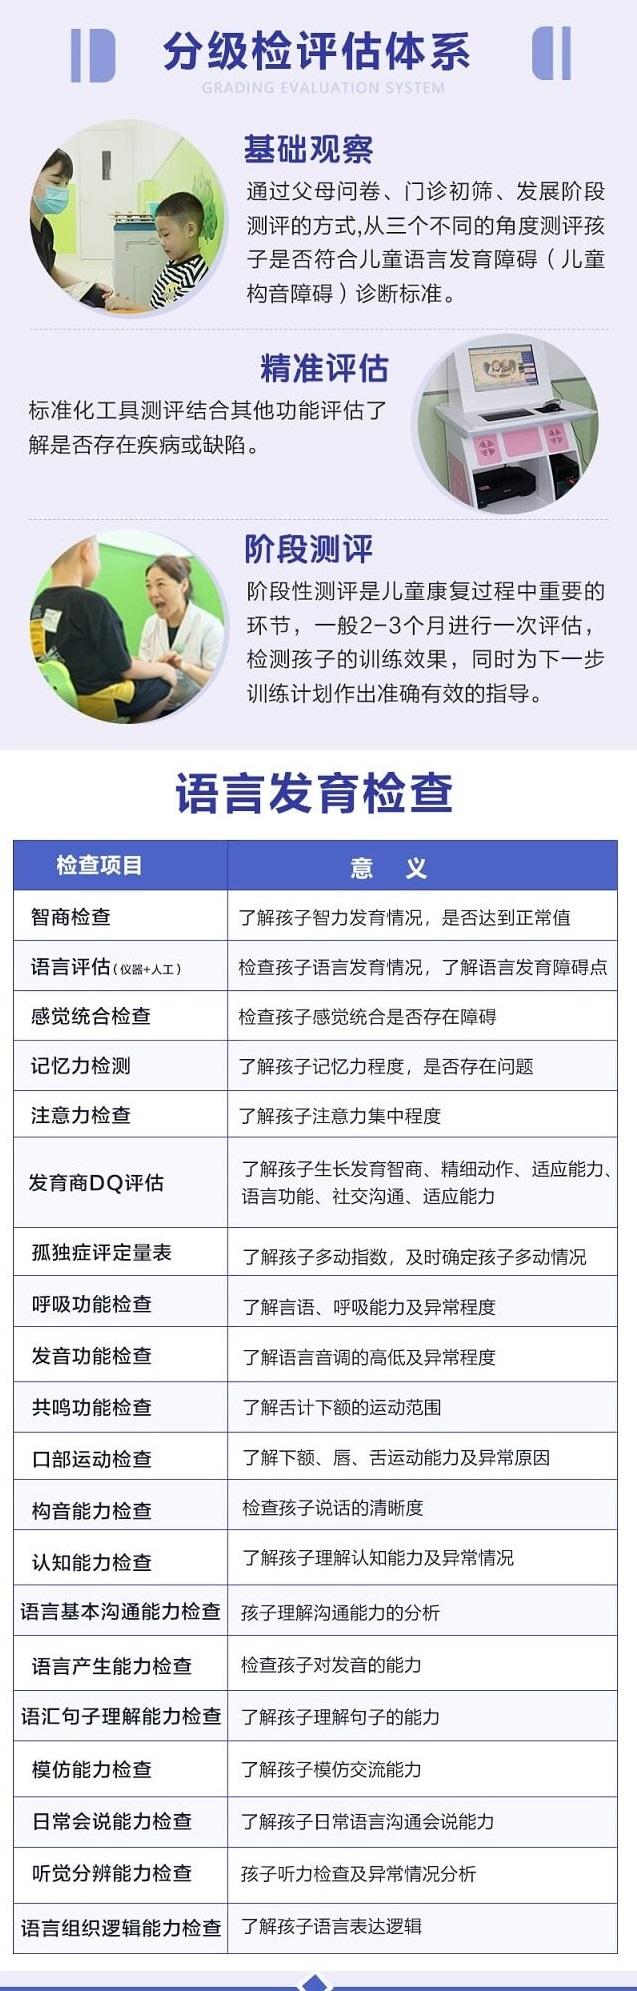 四川内江有没有语言康复中心,在哪里? 图1